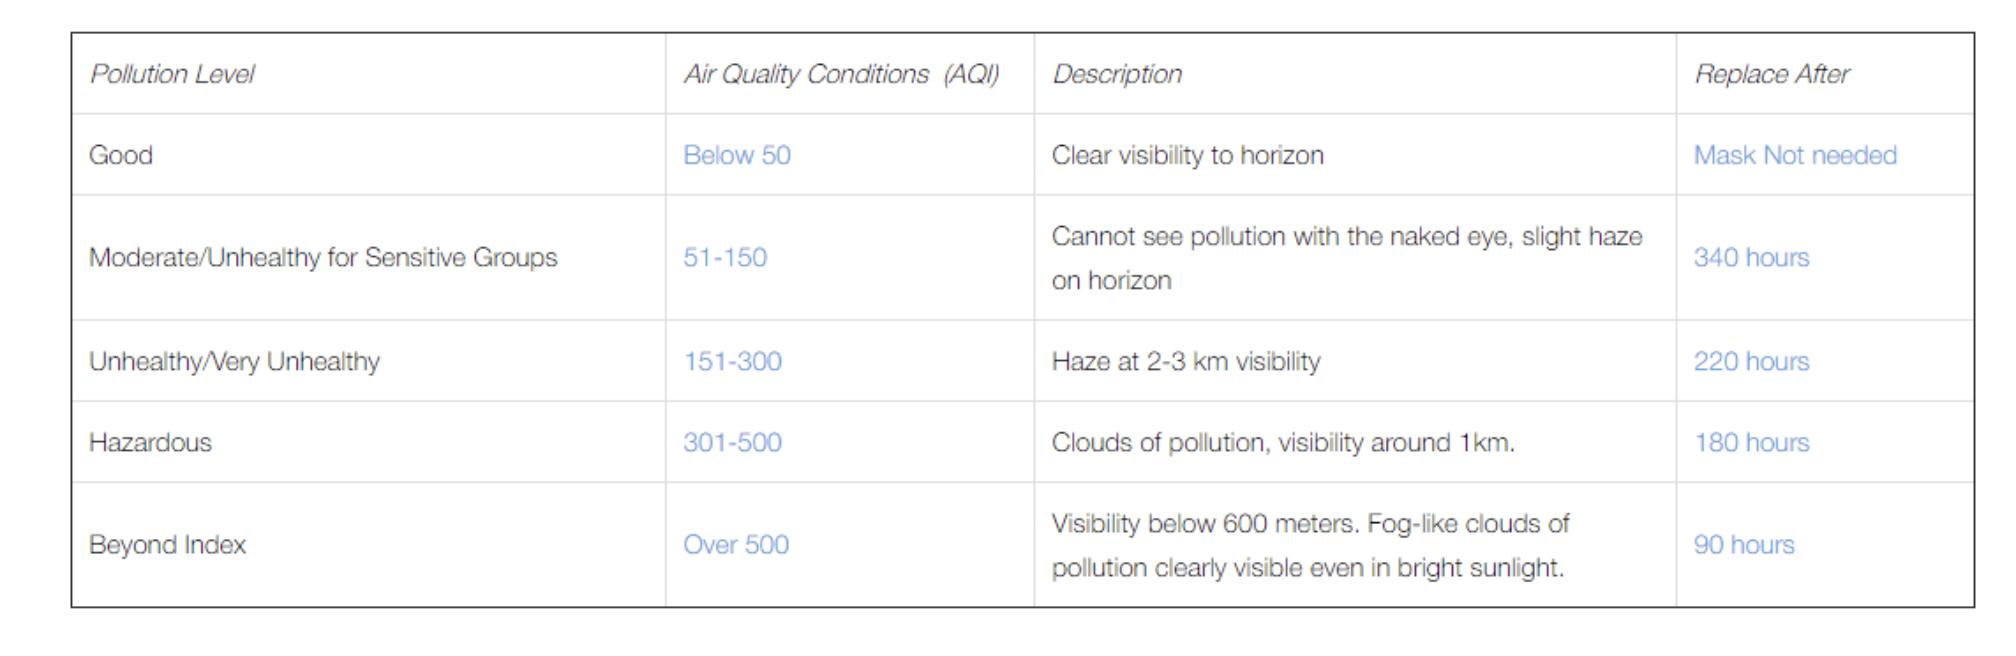 Screenshot 2020-08-21 at 10.07.41